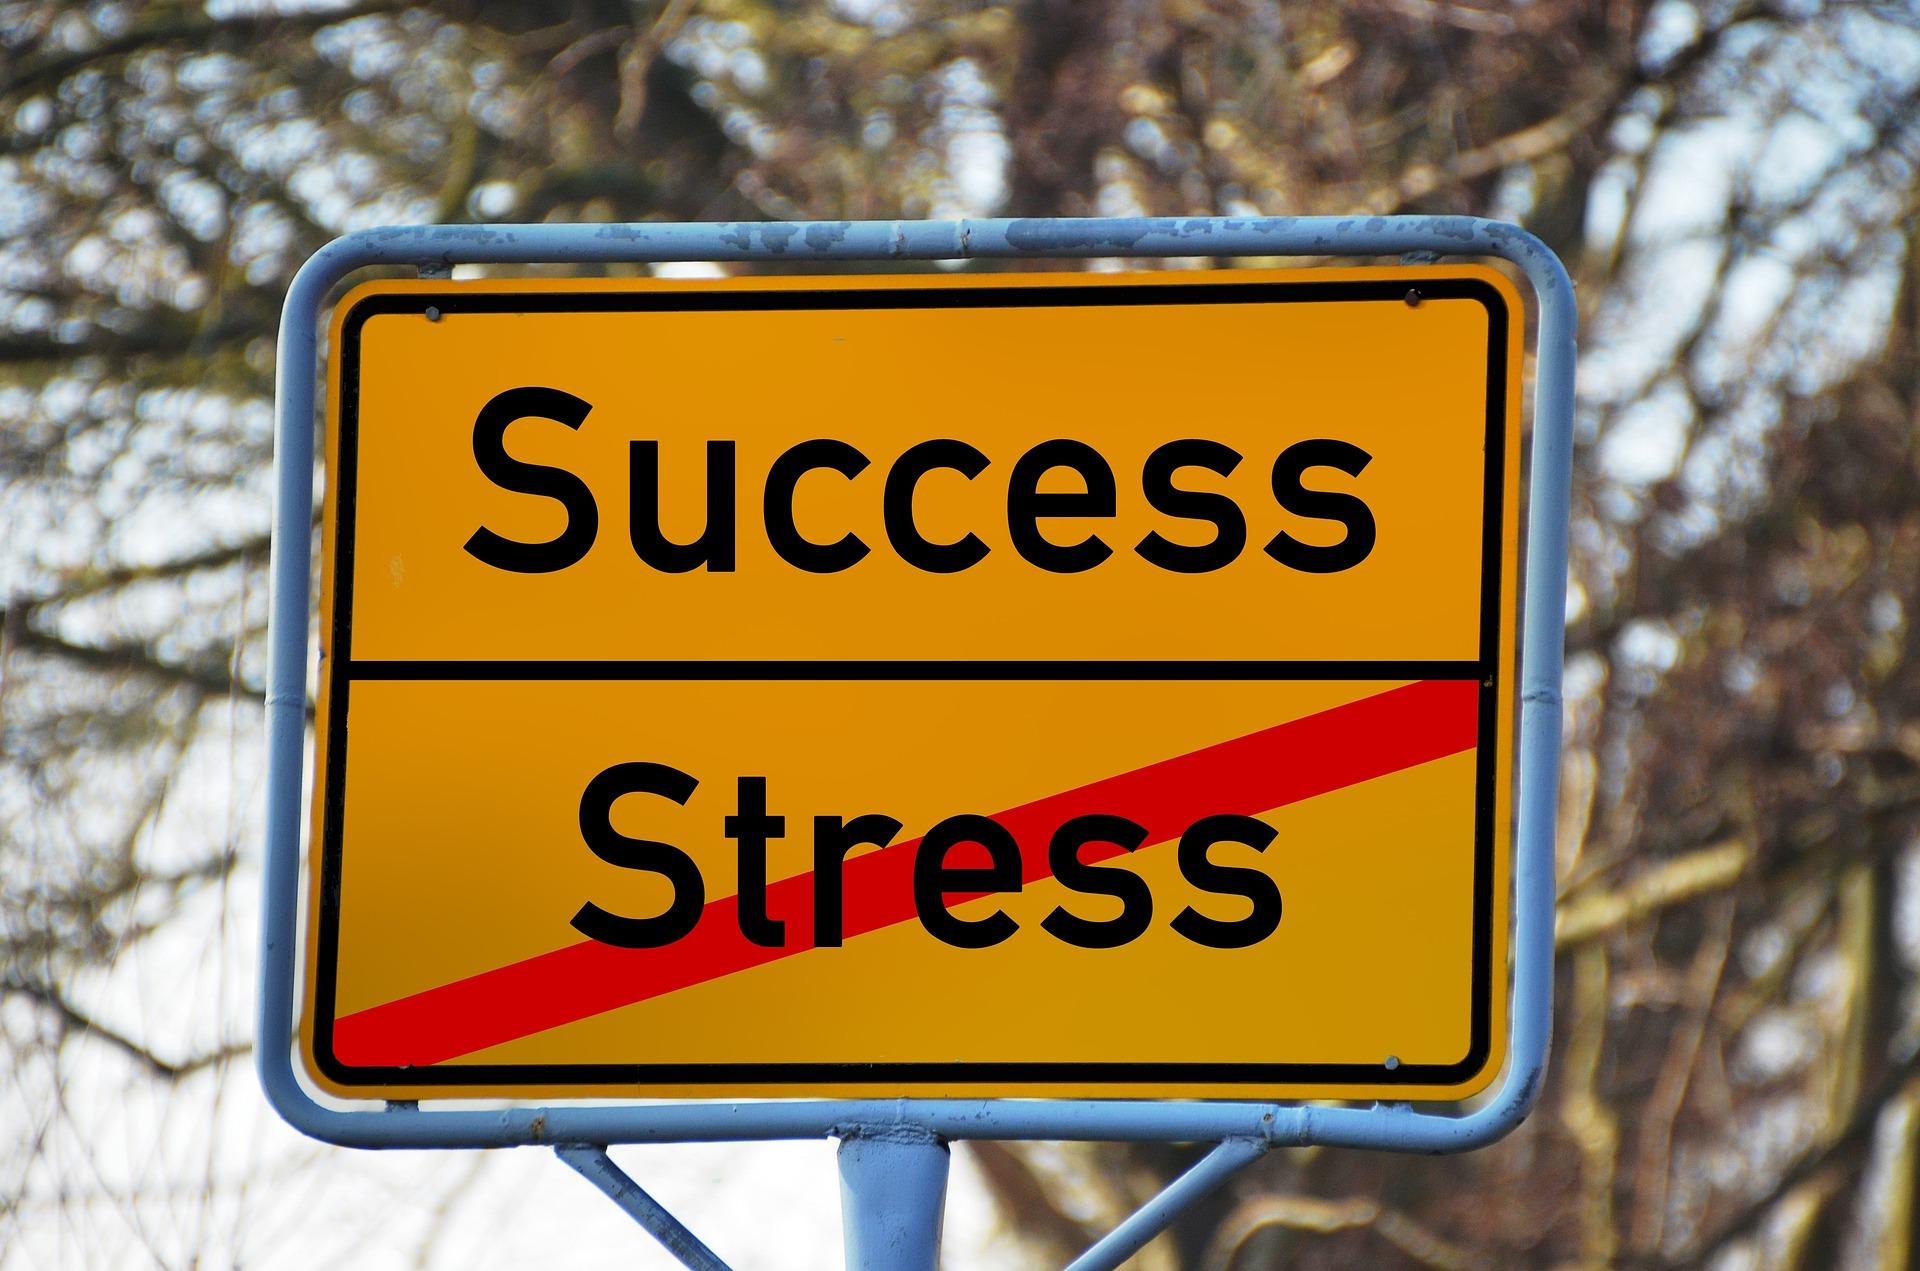 Stres – Twój sprzymierzeniec, czy wróg? (wydarzenie dla absolwentów)